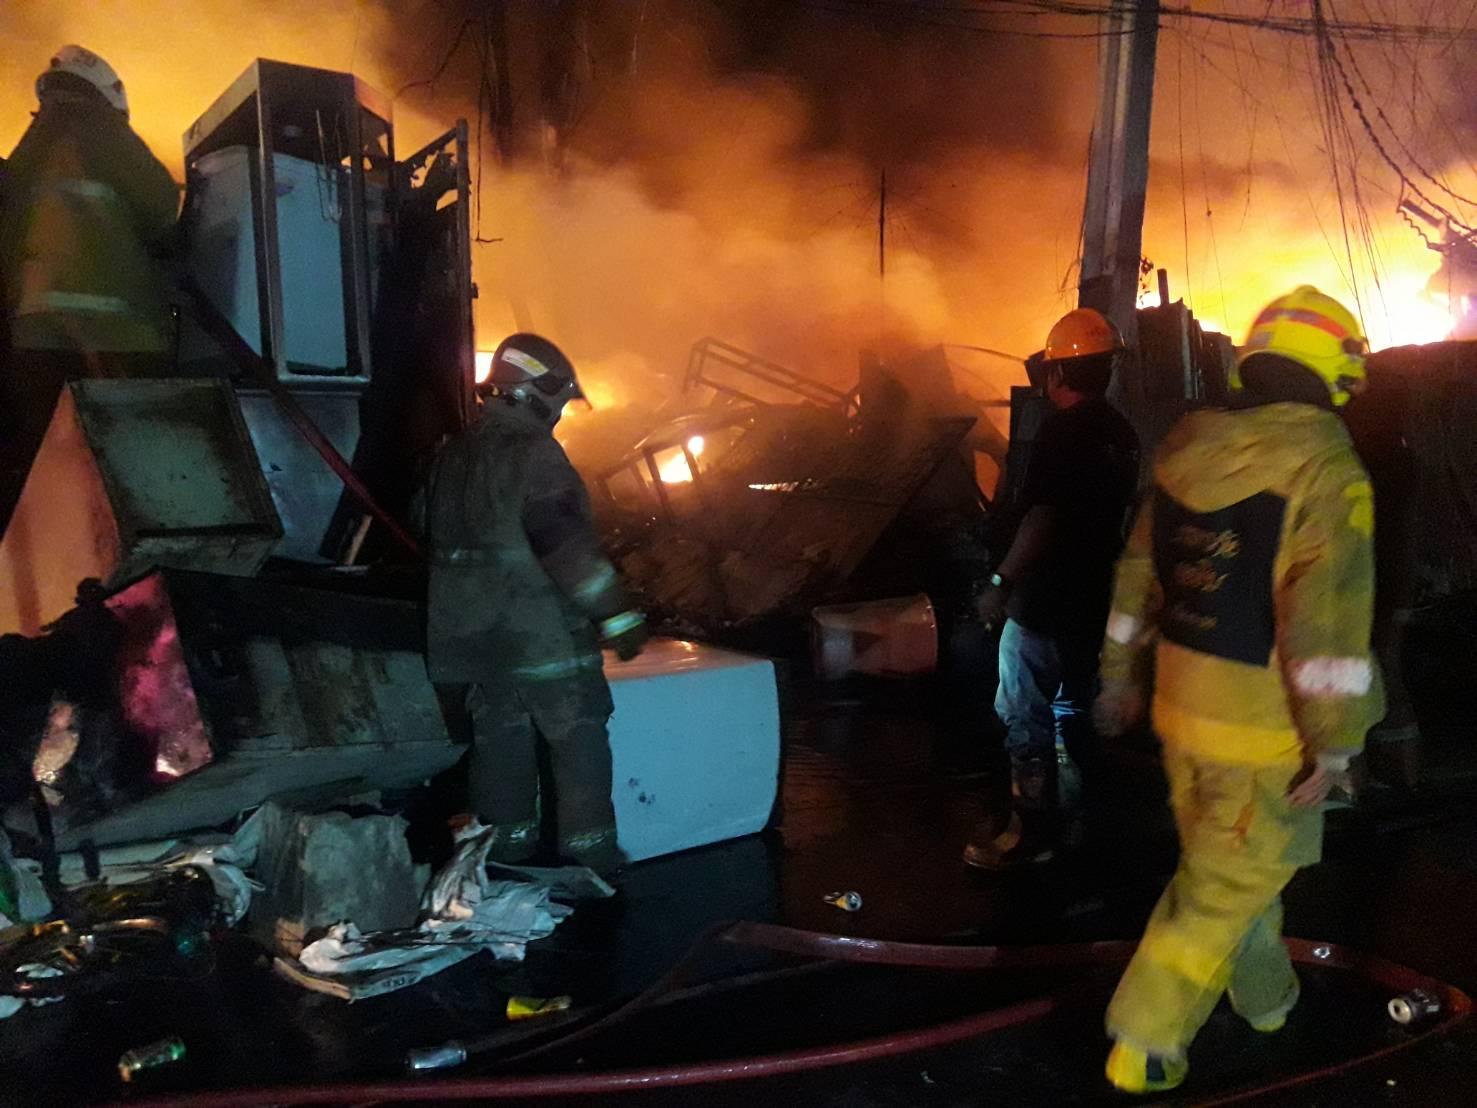 เพลิงไหม้ ร้านรับซื้อของเก่า ซ.ลาดพร้าว 80 จนท.เร่งคุมเพลิง